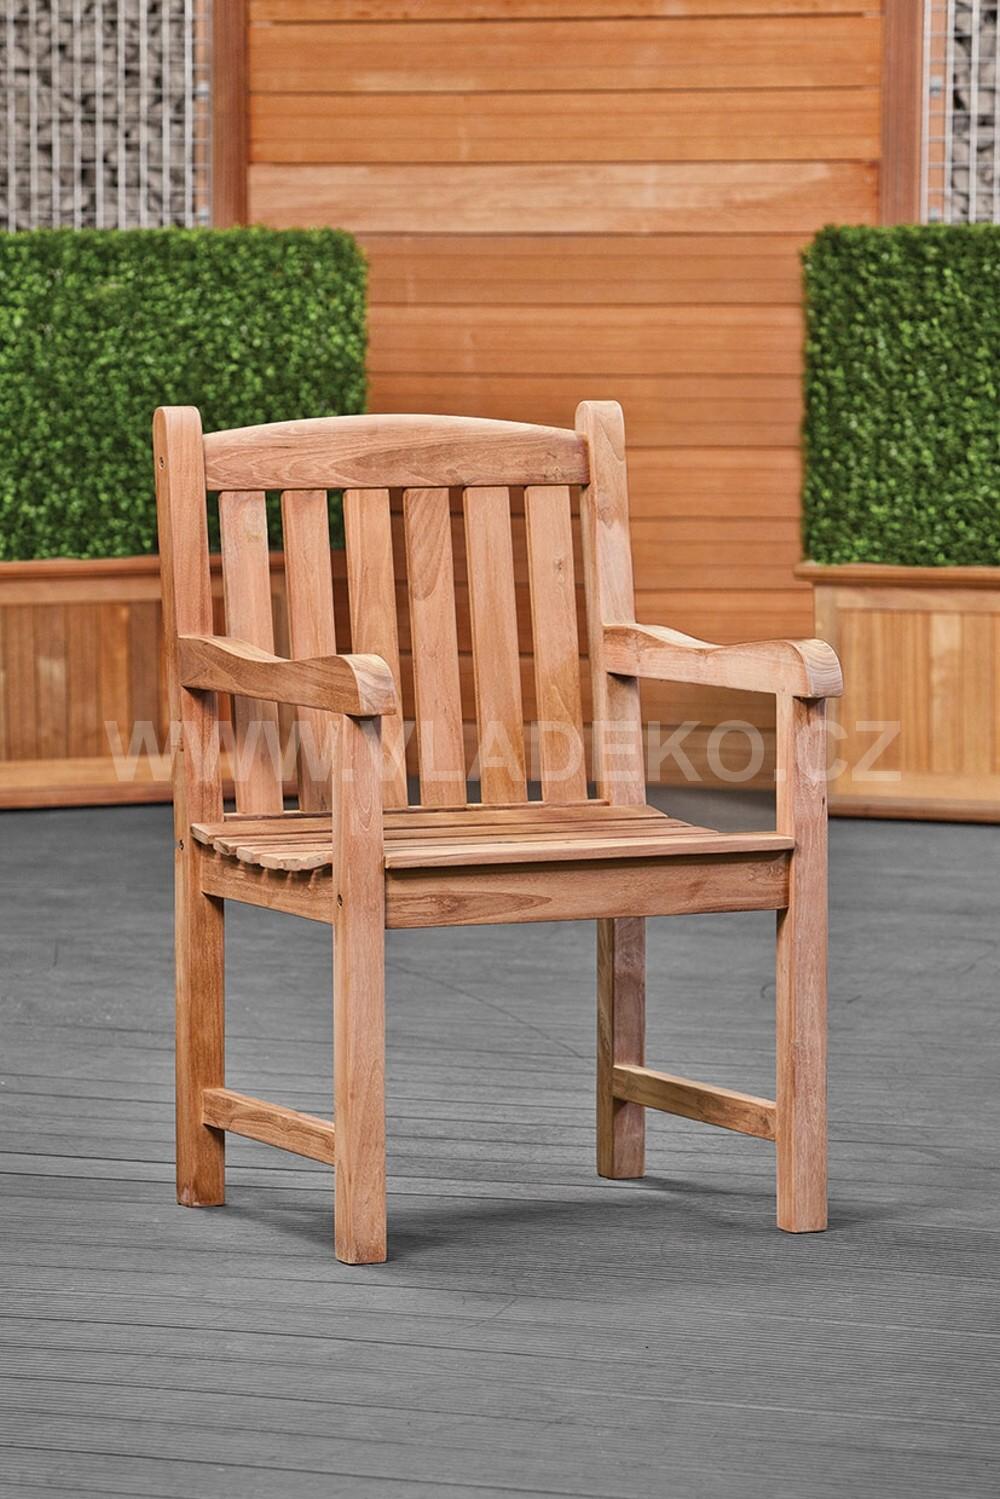 Zahradní židle Birmingham z teakového dřeva